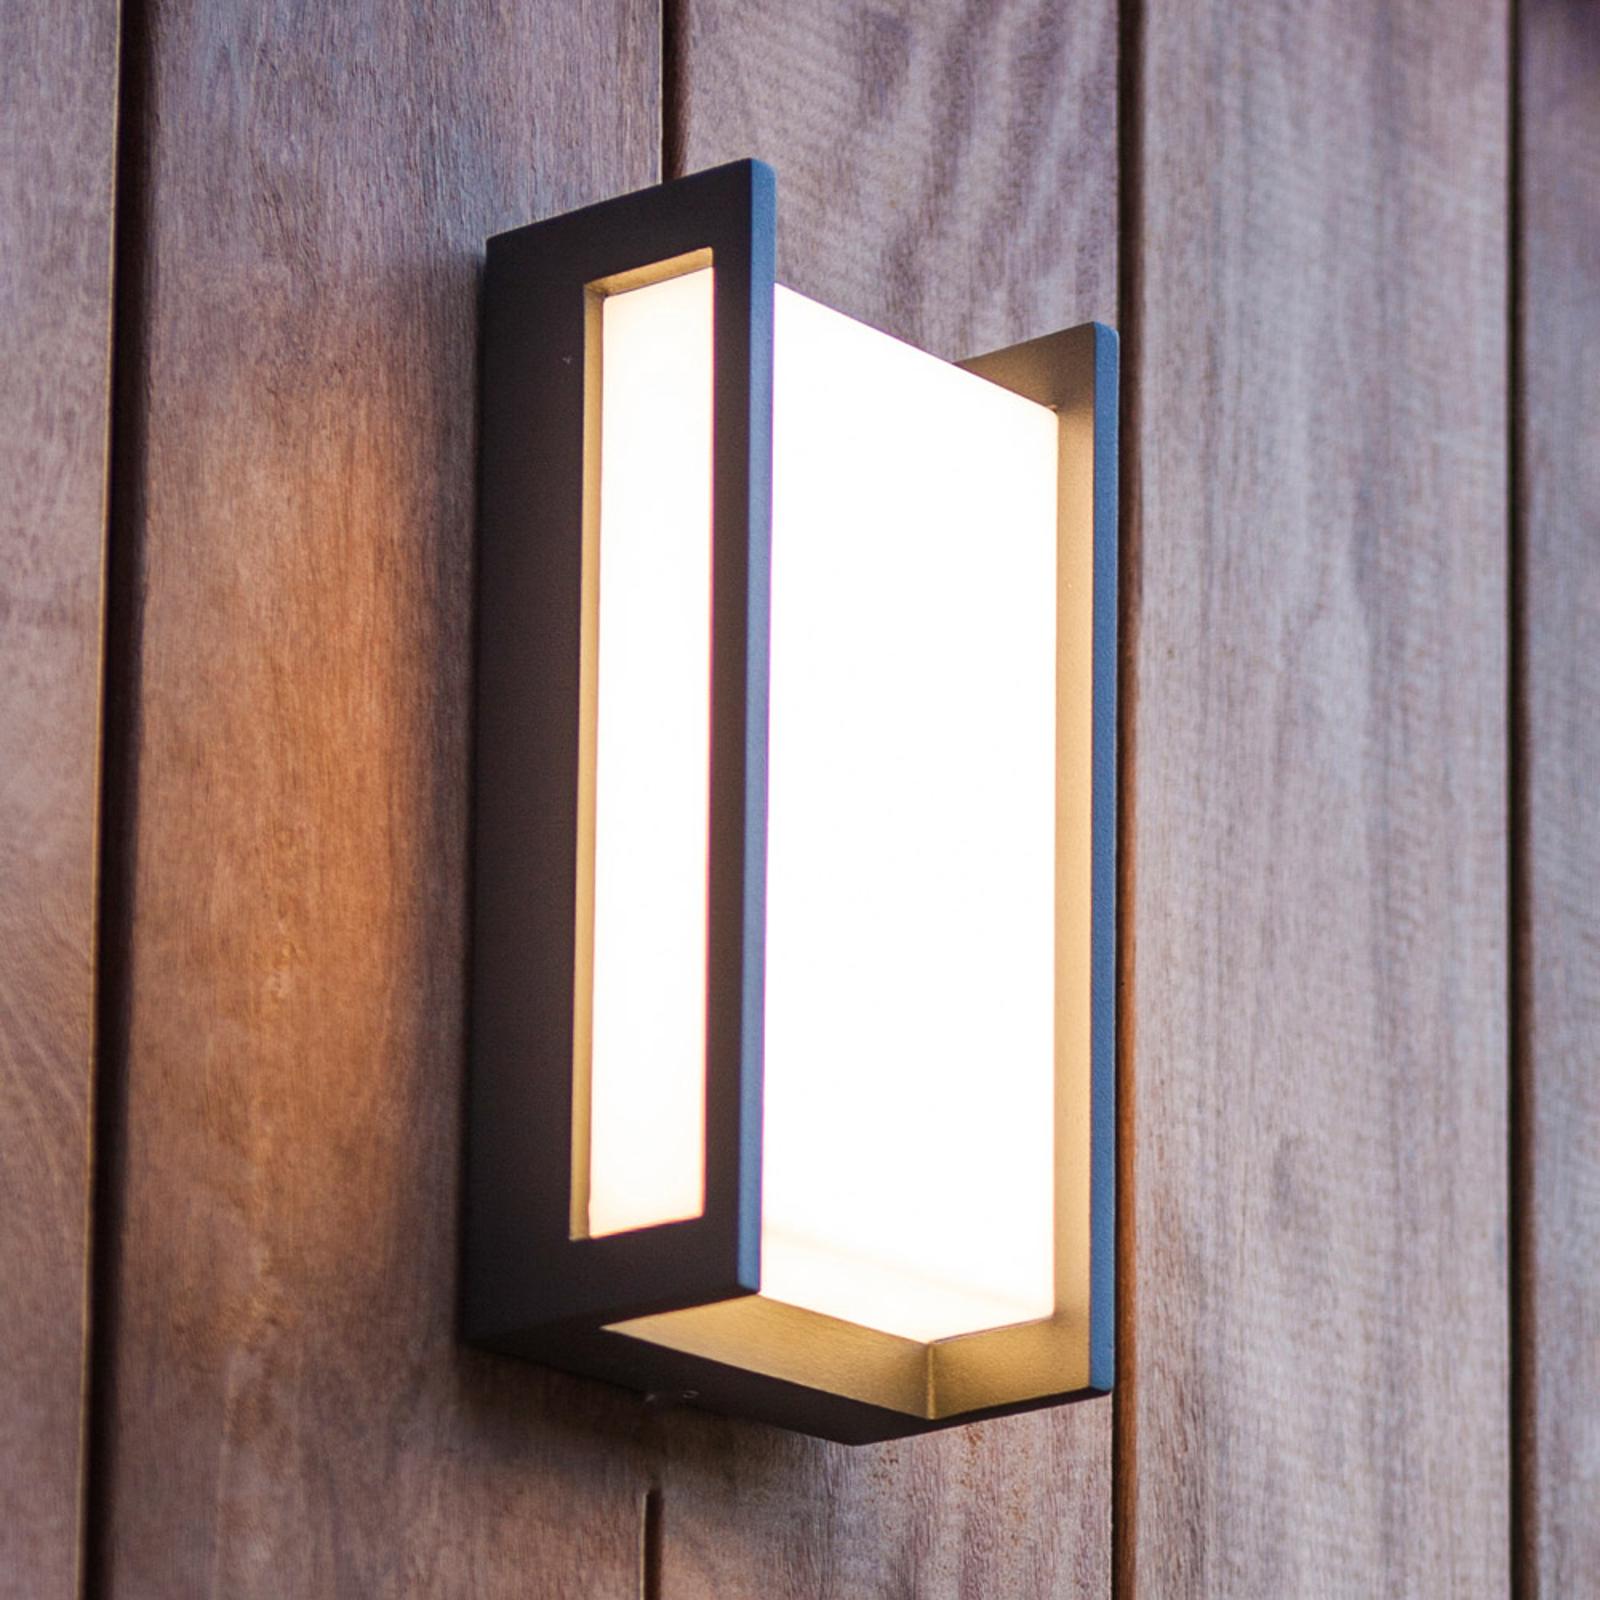 Qubo utendørs LED-vegglampe, RGBW, smart